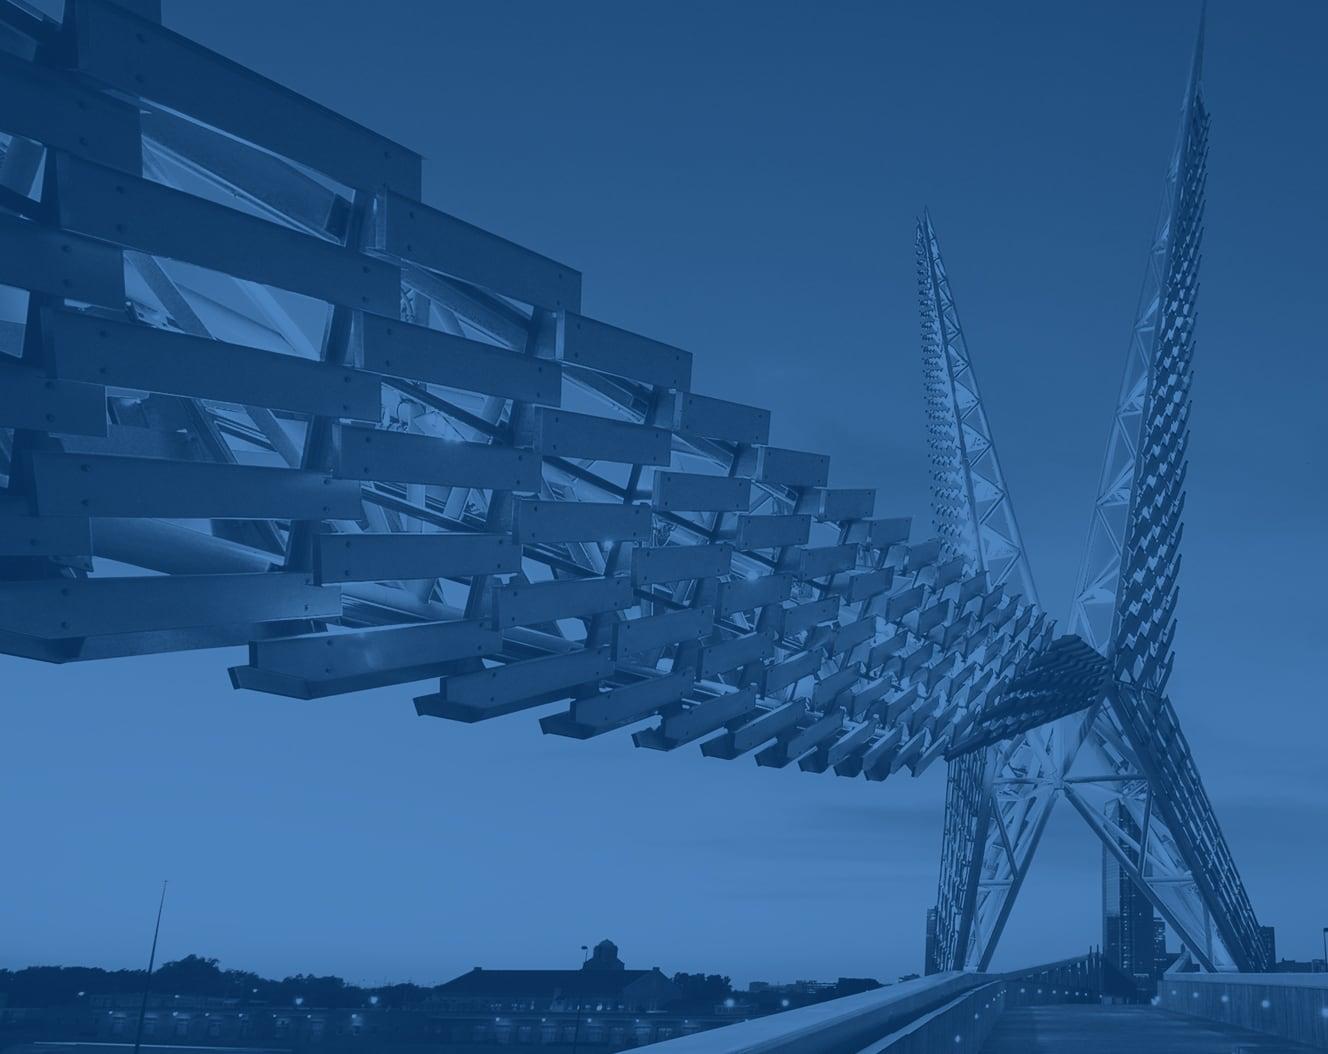 Skydance Bridge in Oklahoma City